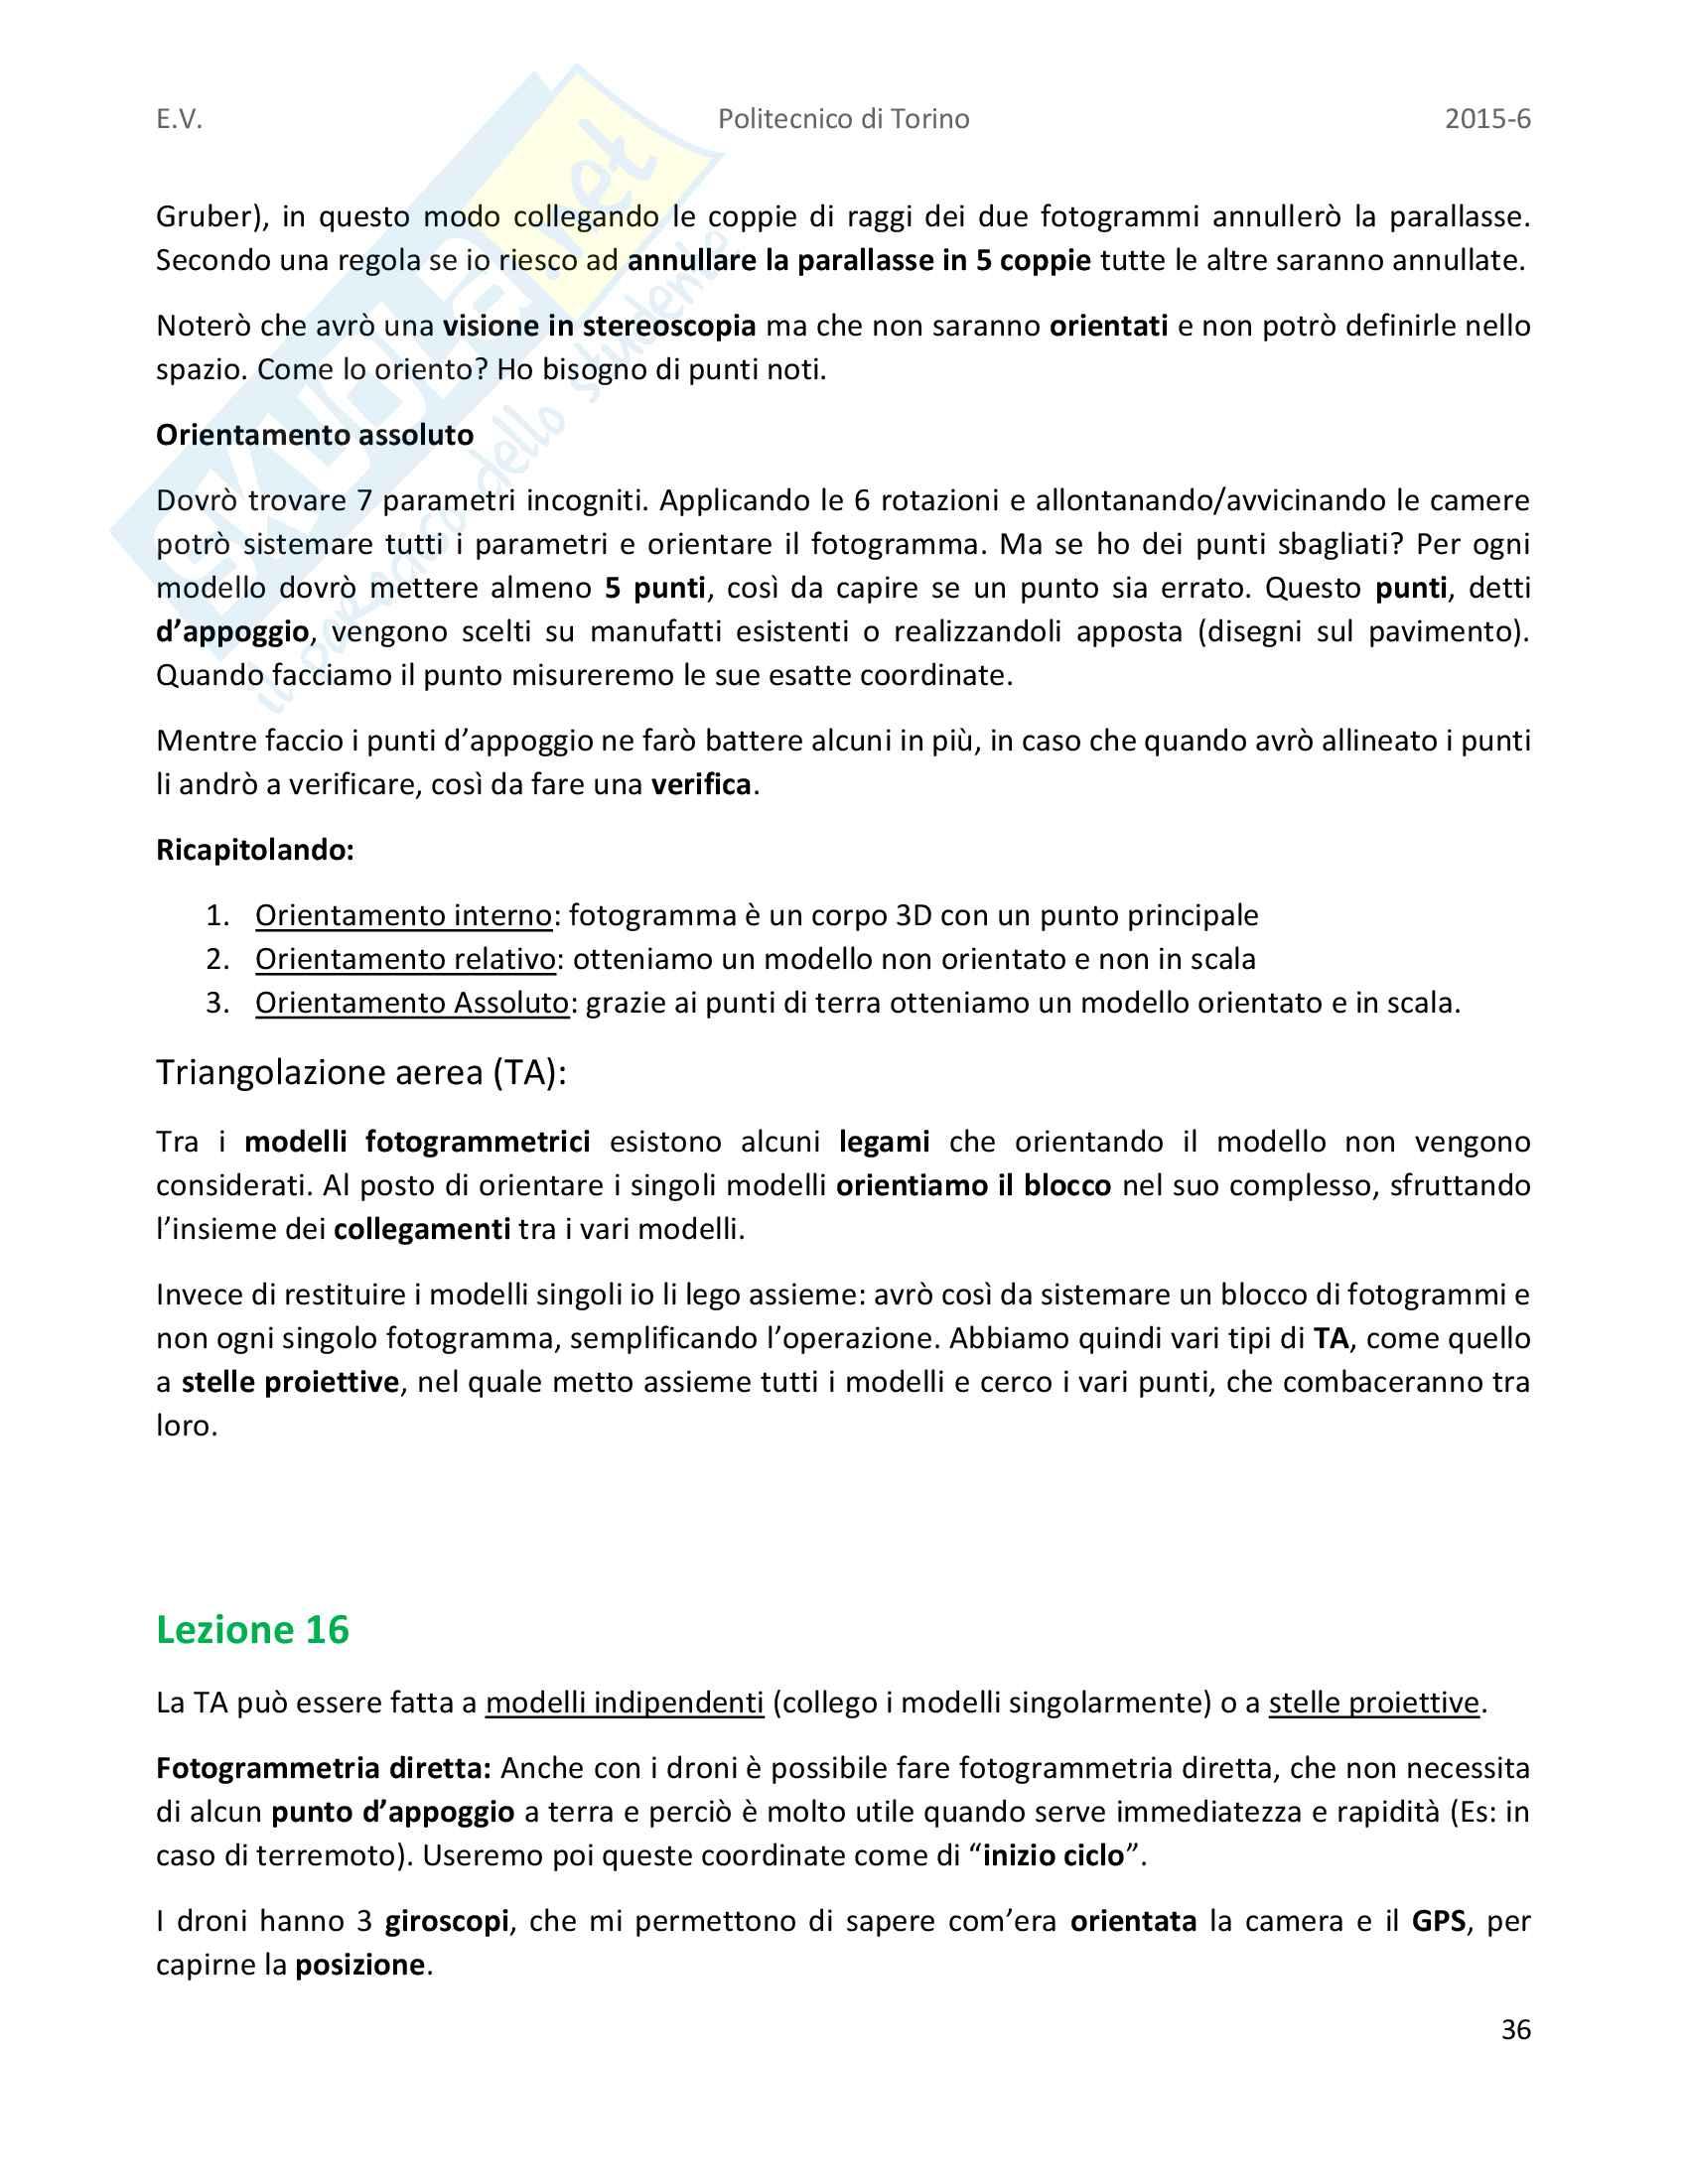 Appunti completi di Geomatica Pag. 36